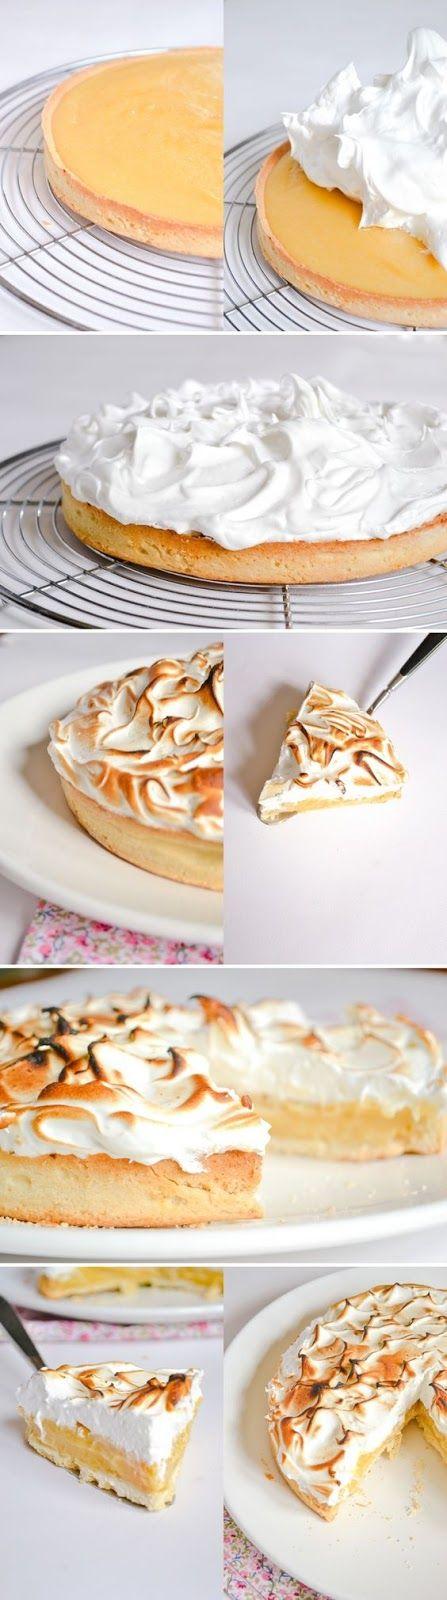 Je dis M. est un blog culinaire et lifestyle.Je dis M est un plaisir pour les papilles et pour les pupilles.